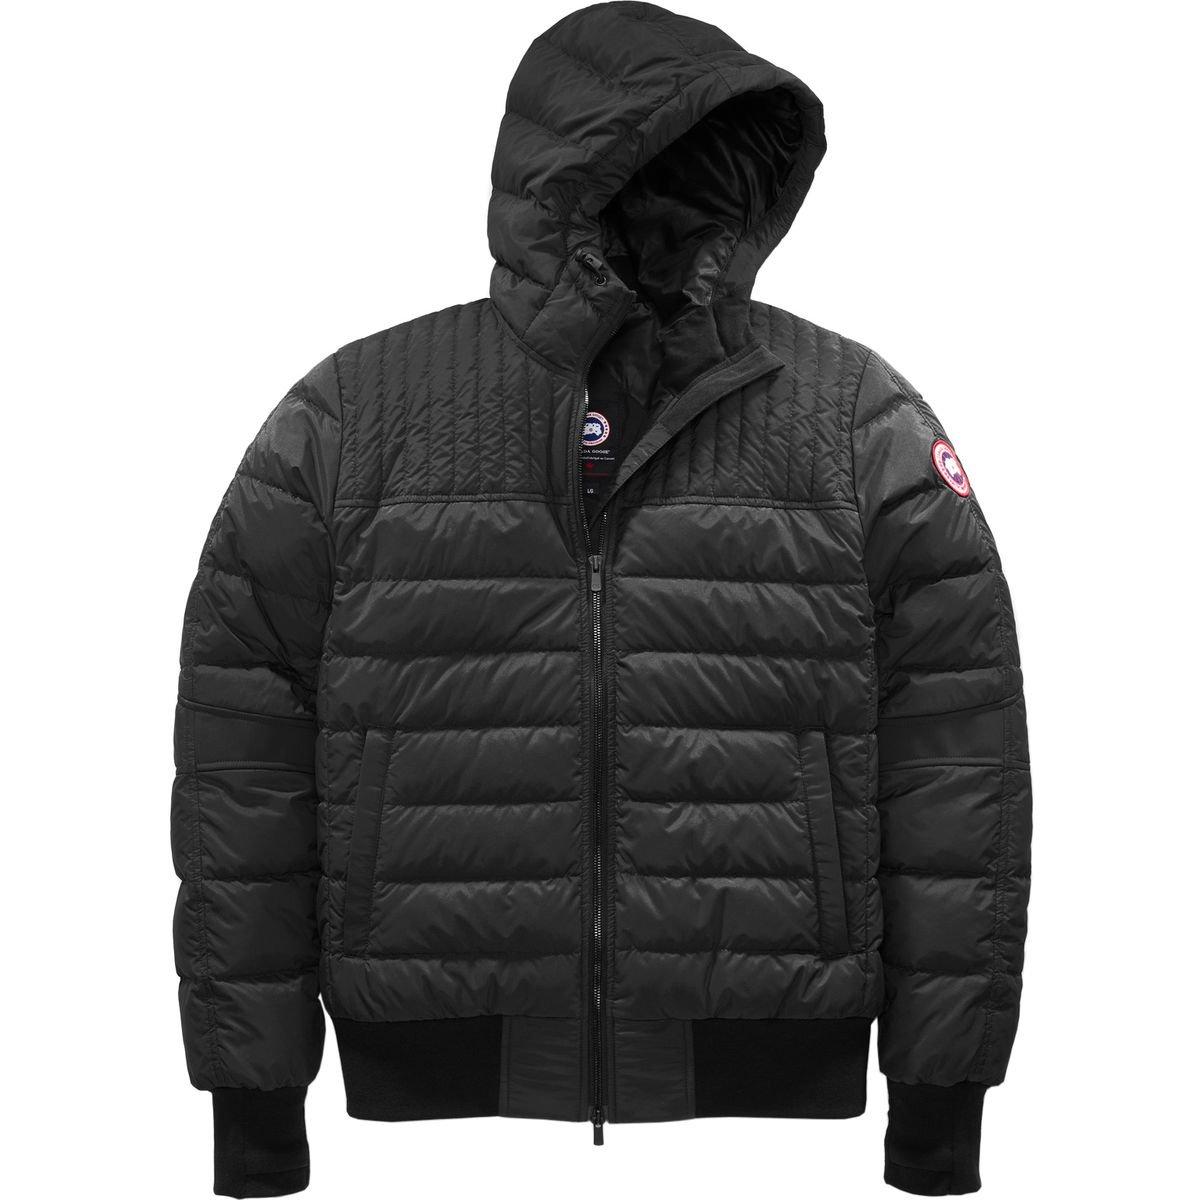 (カナダグース)Canada Goose Cabri Hooded Jacket メンズ ジャケットBlack [並行輸入品] B079FKNKJ6 日本サイズ LL (US L)|Black Black 日本サイズ LL (US L)